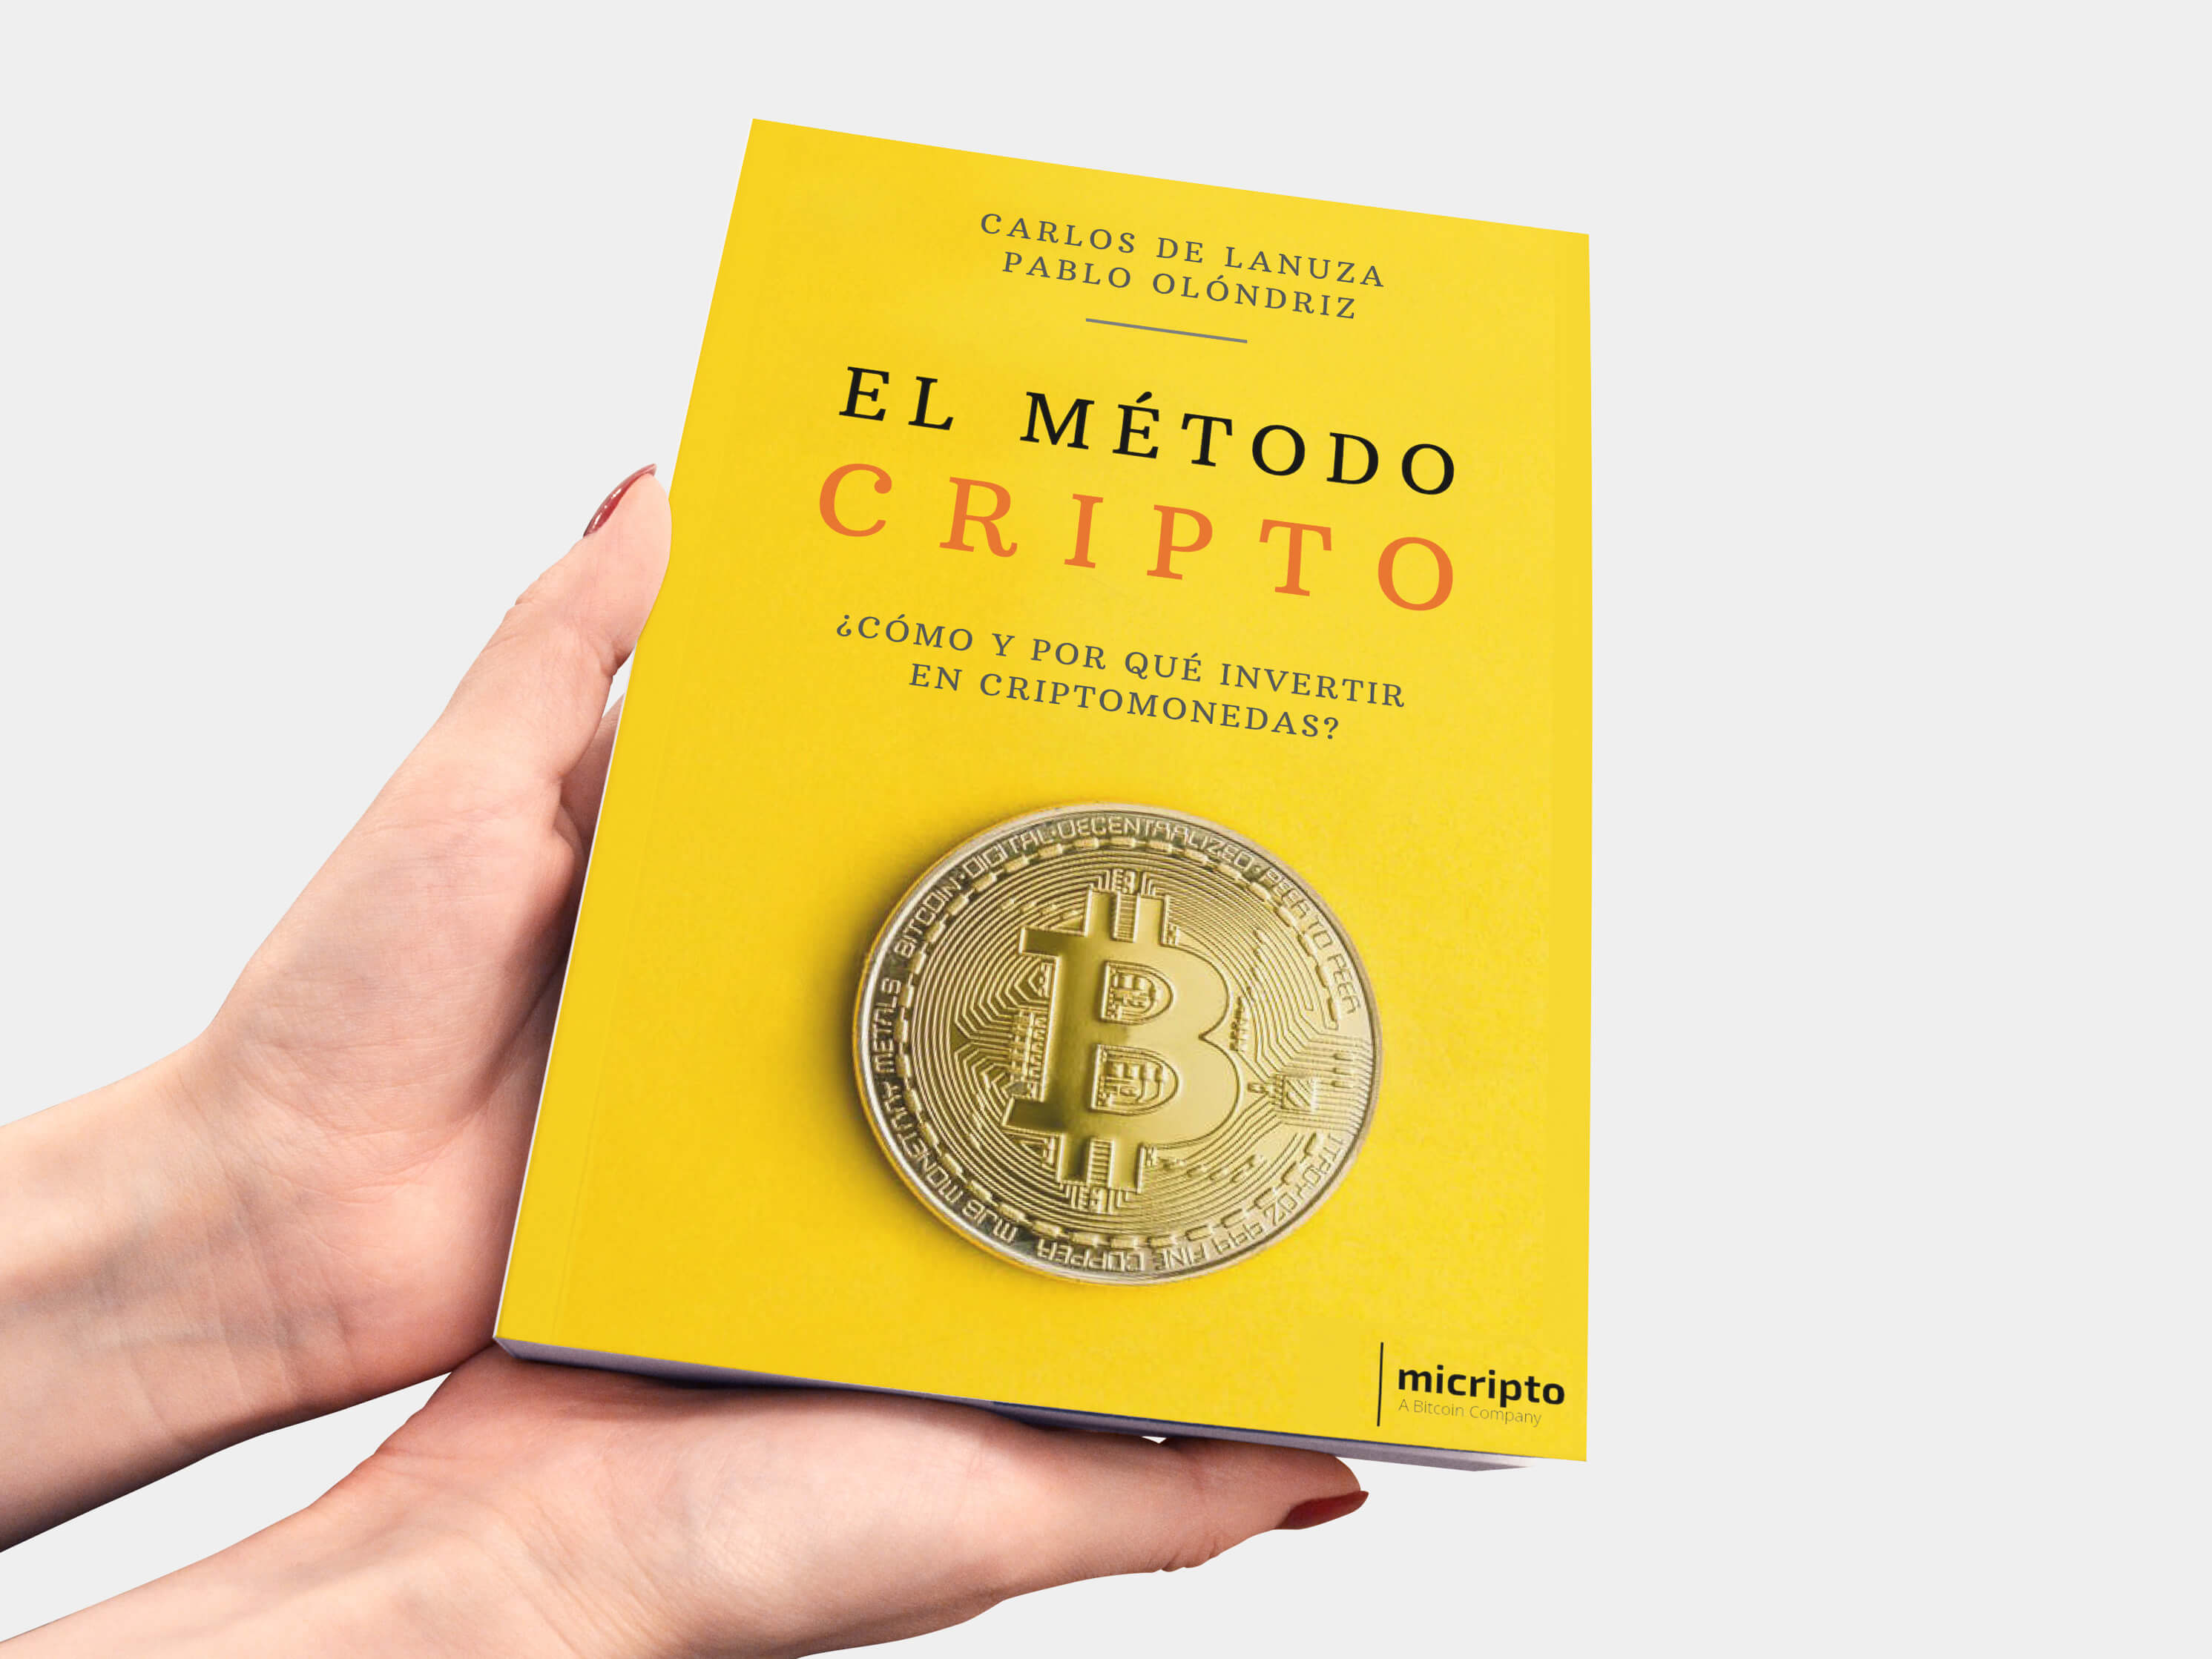 metodocripto cover